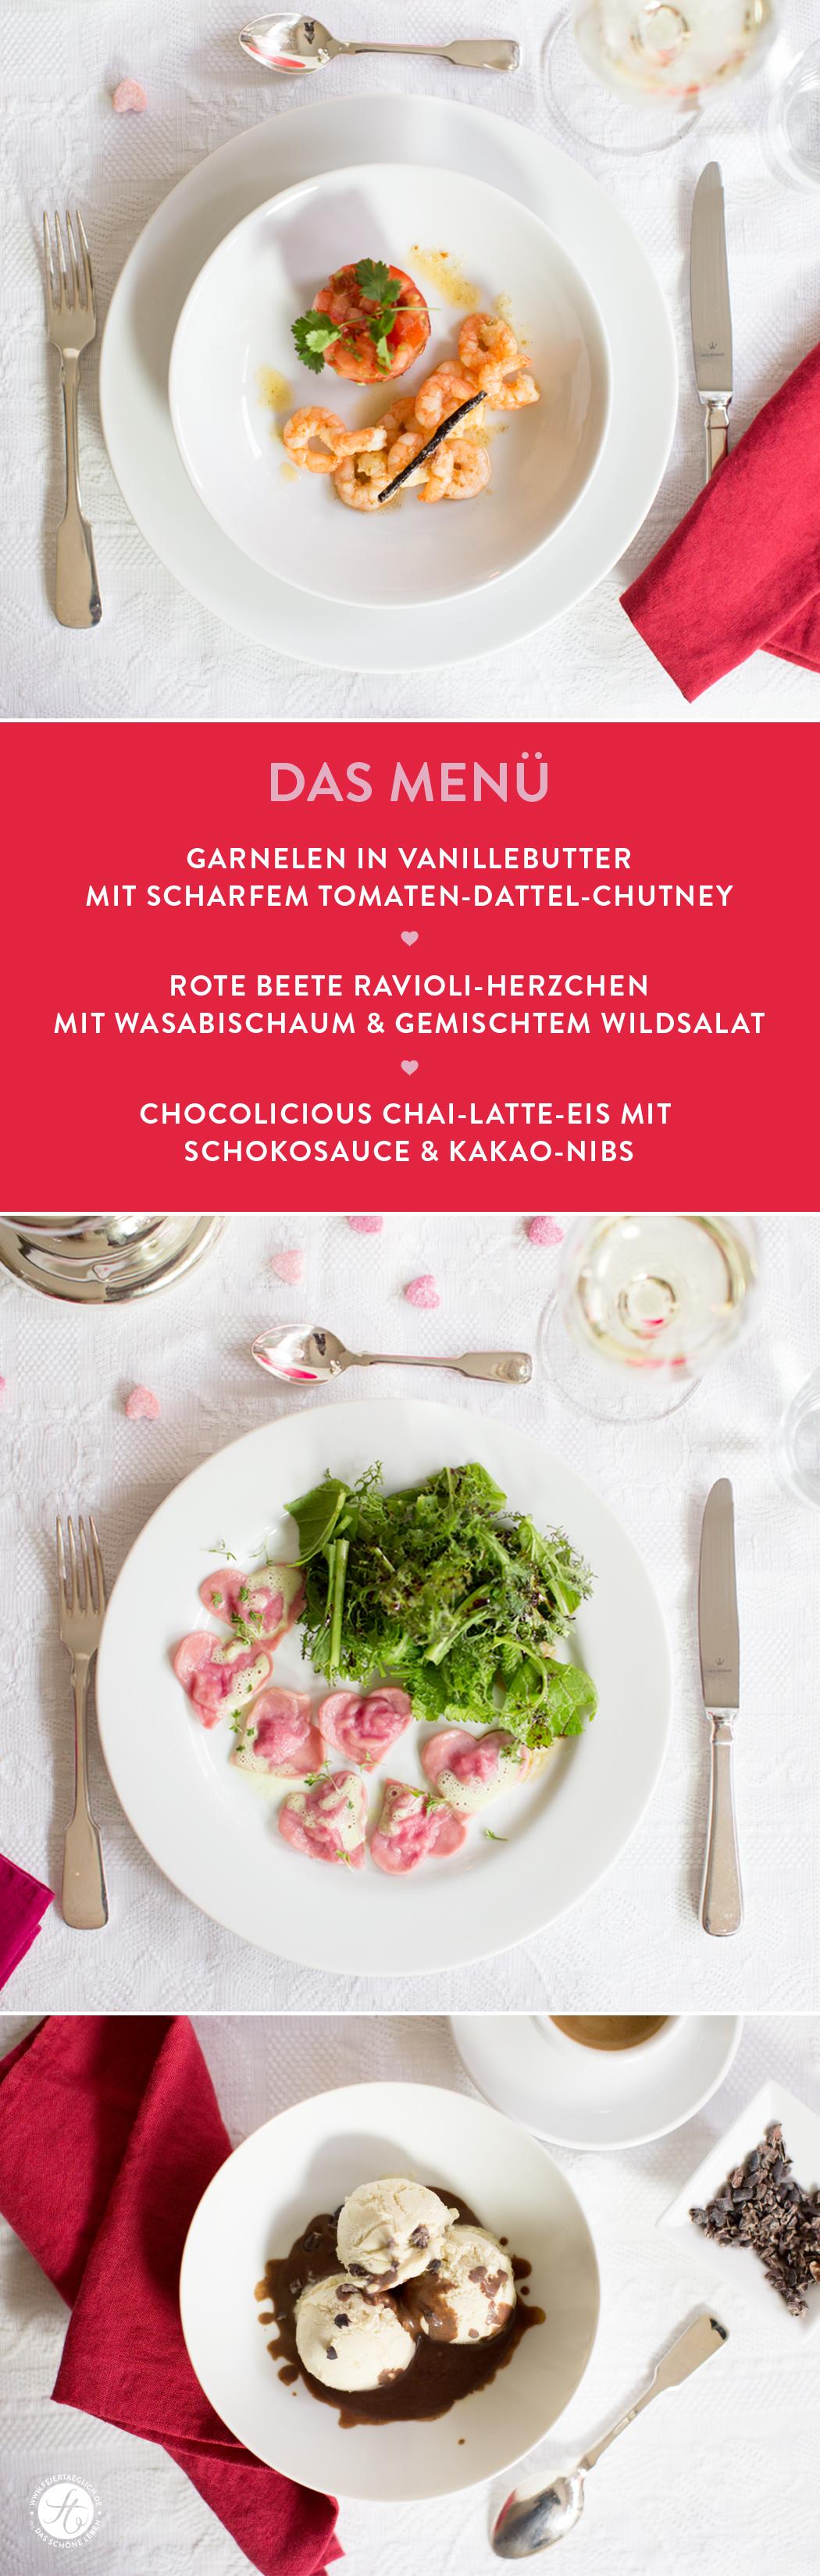 3 Gänge Menü zum Verführen: Garnelen in Vanillebutter, Rote Beete Ravioli mit Wasabischaum, Chai Latte Eis mit Schokosauce